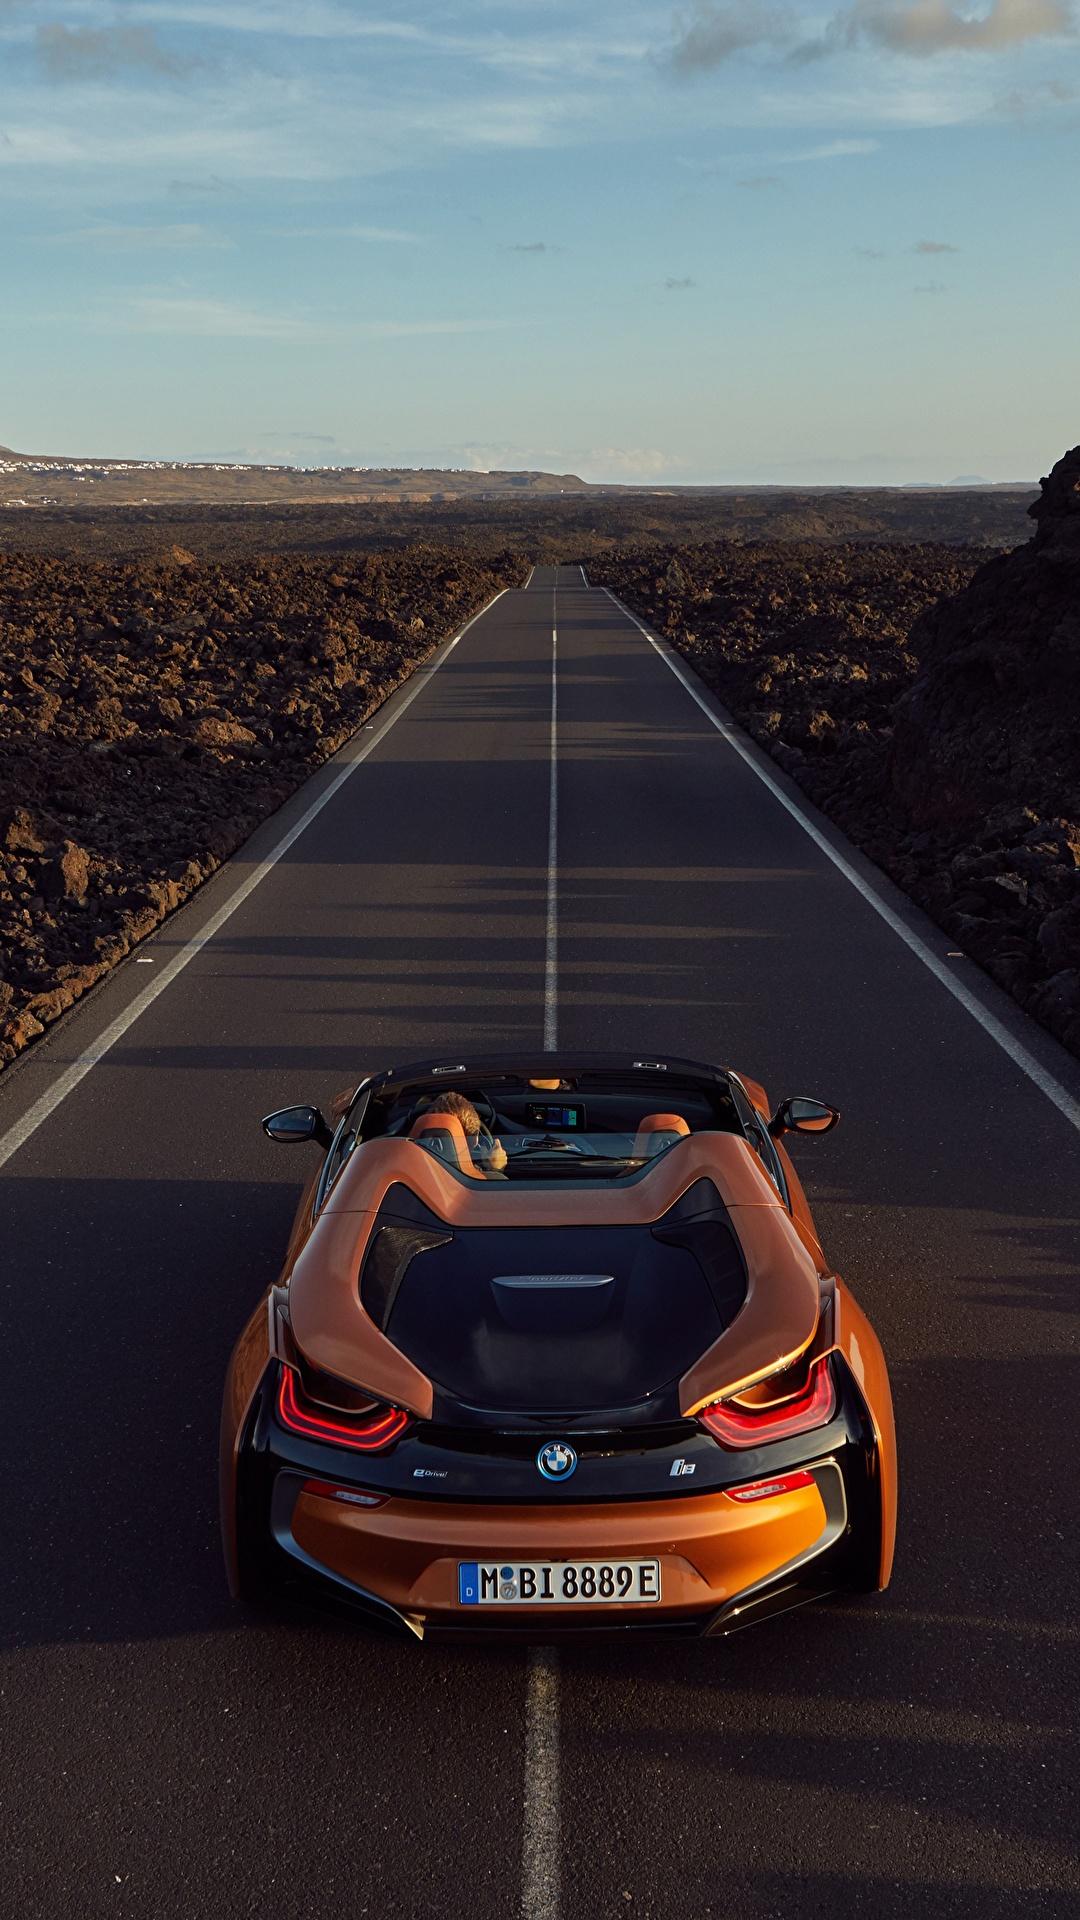 Картинка БМВ 2018 i8 Родстер оранжевые Дороги Автомобили 1080x1920 BMW оранжевых Оранжевый оранжевая Авто Машины